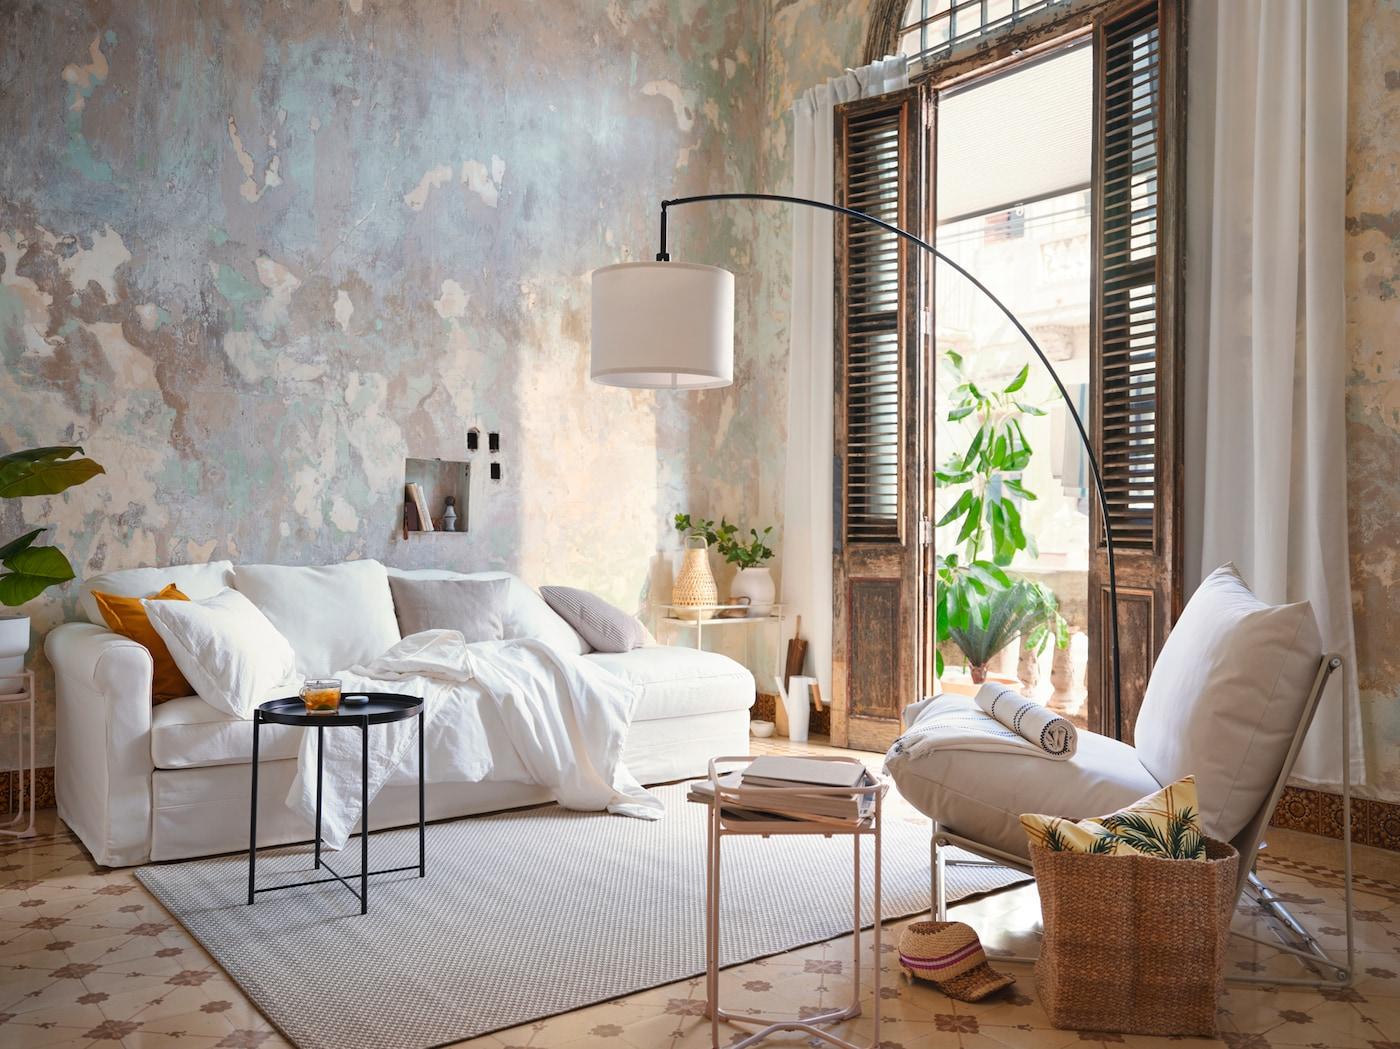 Ein weisses Sofa auf einem flach gewebten MORUM Teppich für drinnen und draussen in einem weiss eingerichteten Wohnzimmer mit grosser Türfront ins Freie